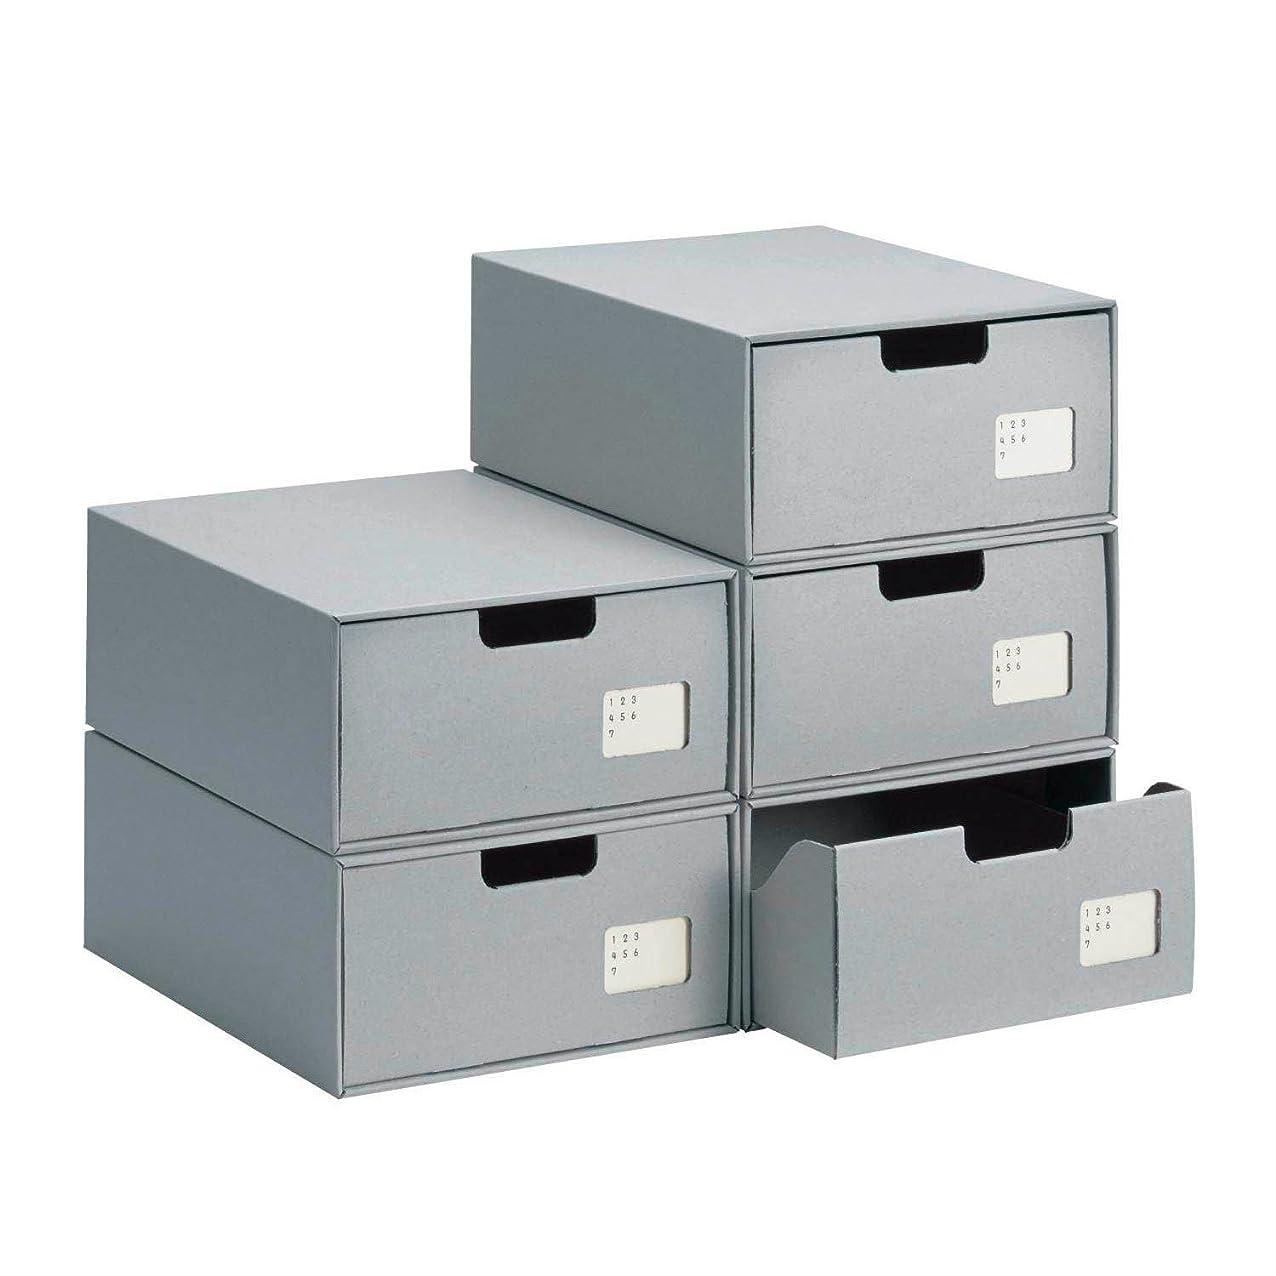 レイア二次義務的[ベルメゾン] インデックス付き クラフト シューズ 収納 ボックス 5個 セット 日本製 グレー